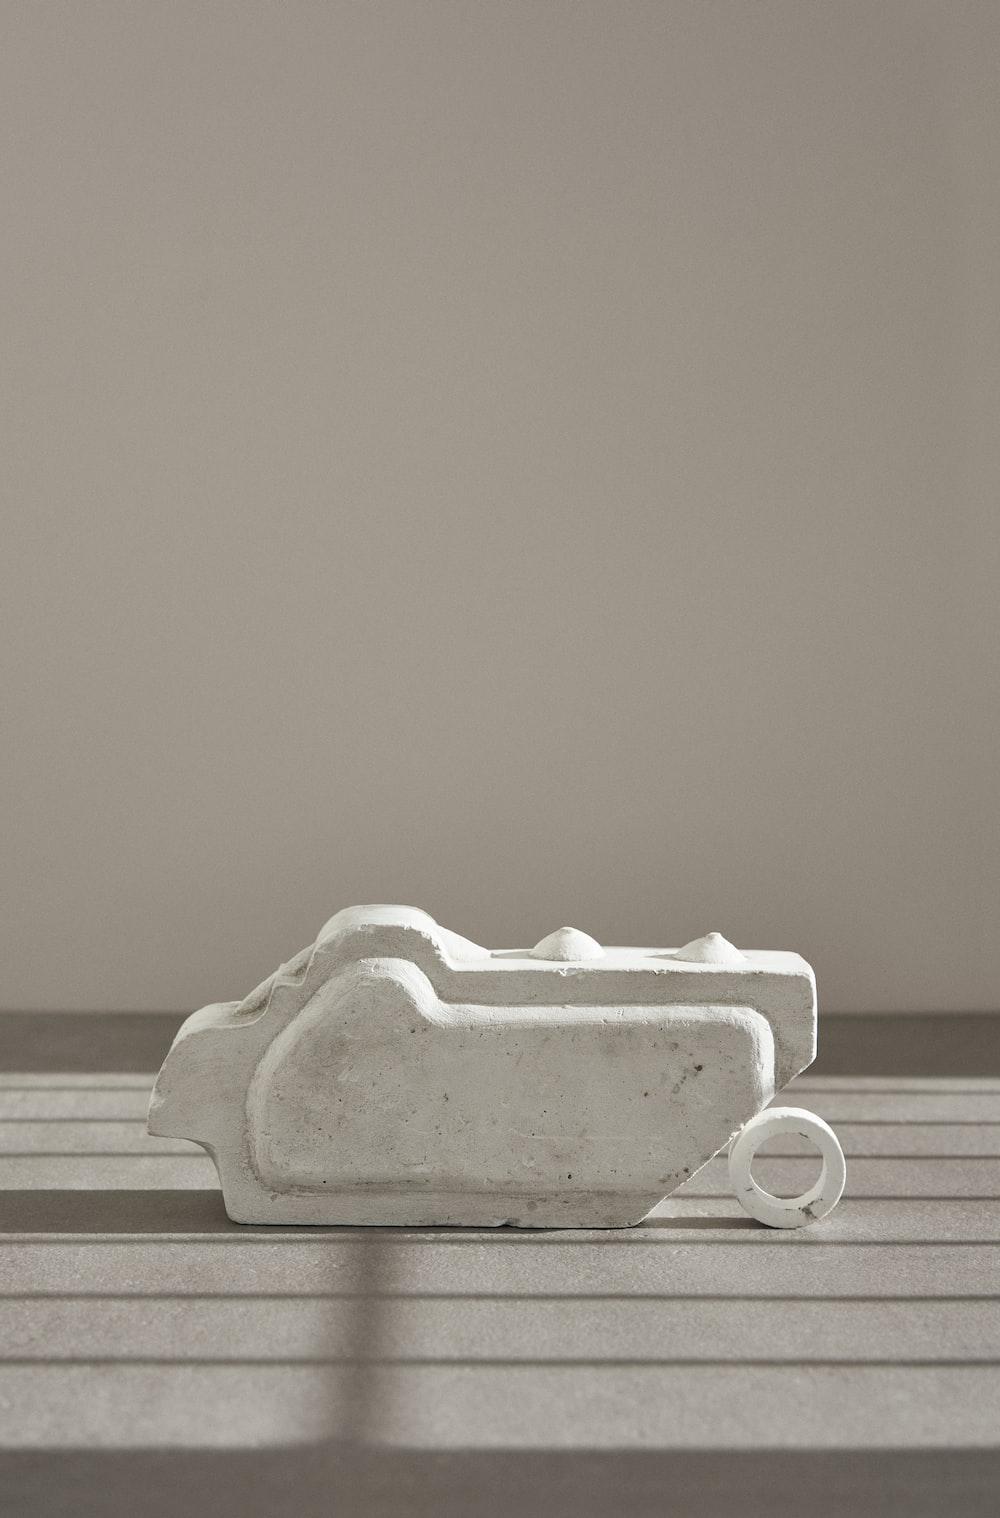 white ceramic tray on white table